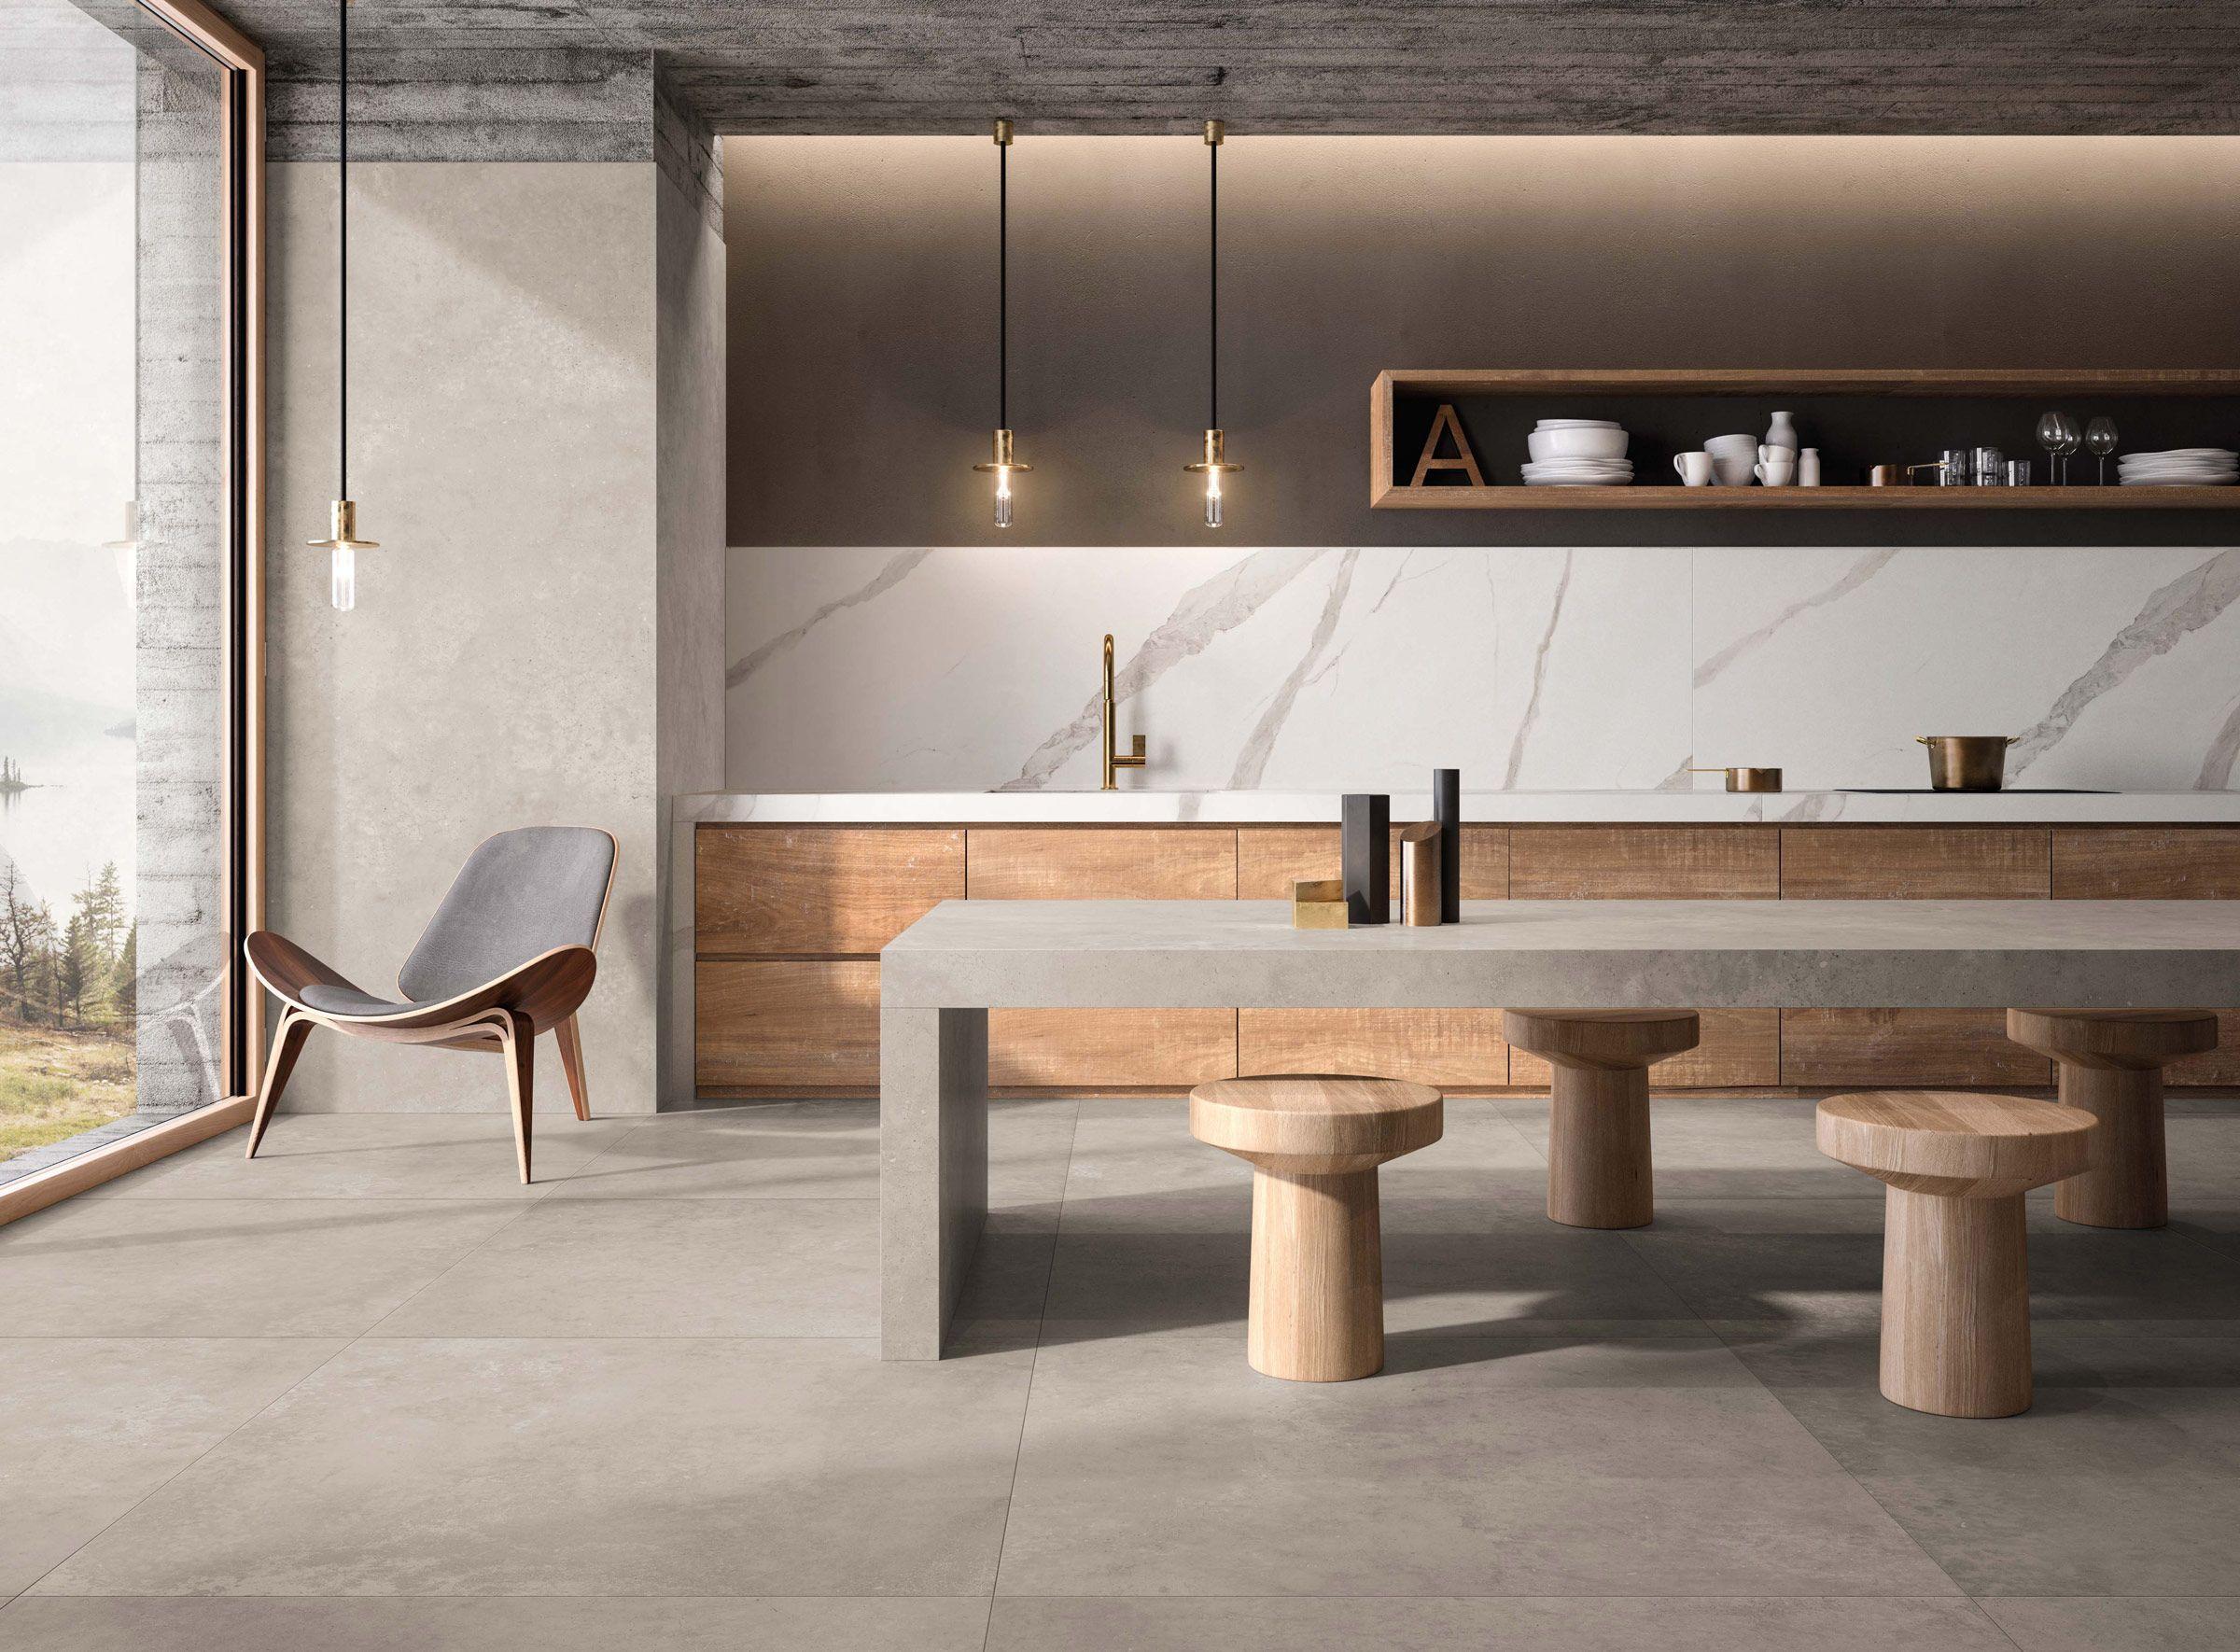 Warmes Und Elegantes Design In 2020 Kuche Loft Kuche Beton Innenarchitektur Kuche